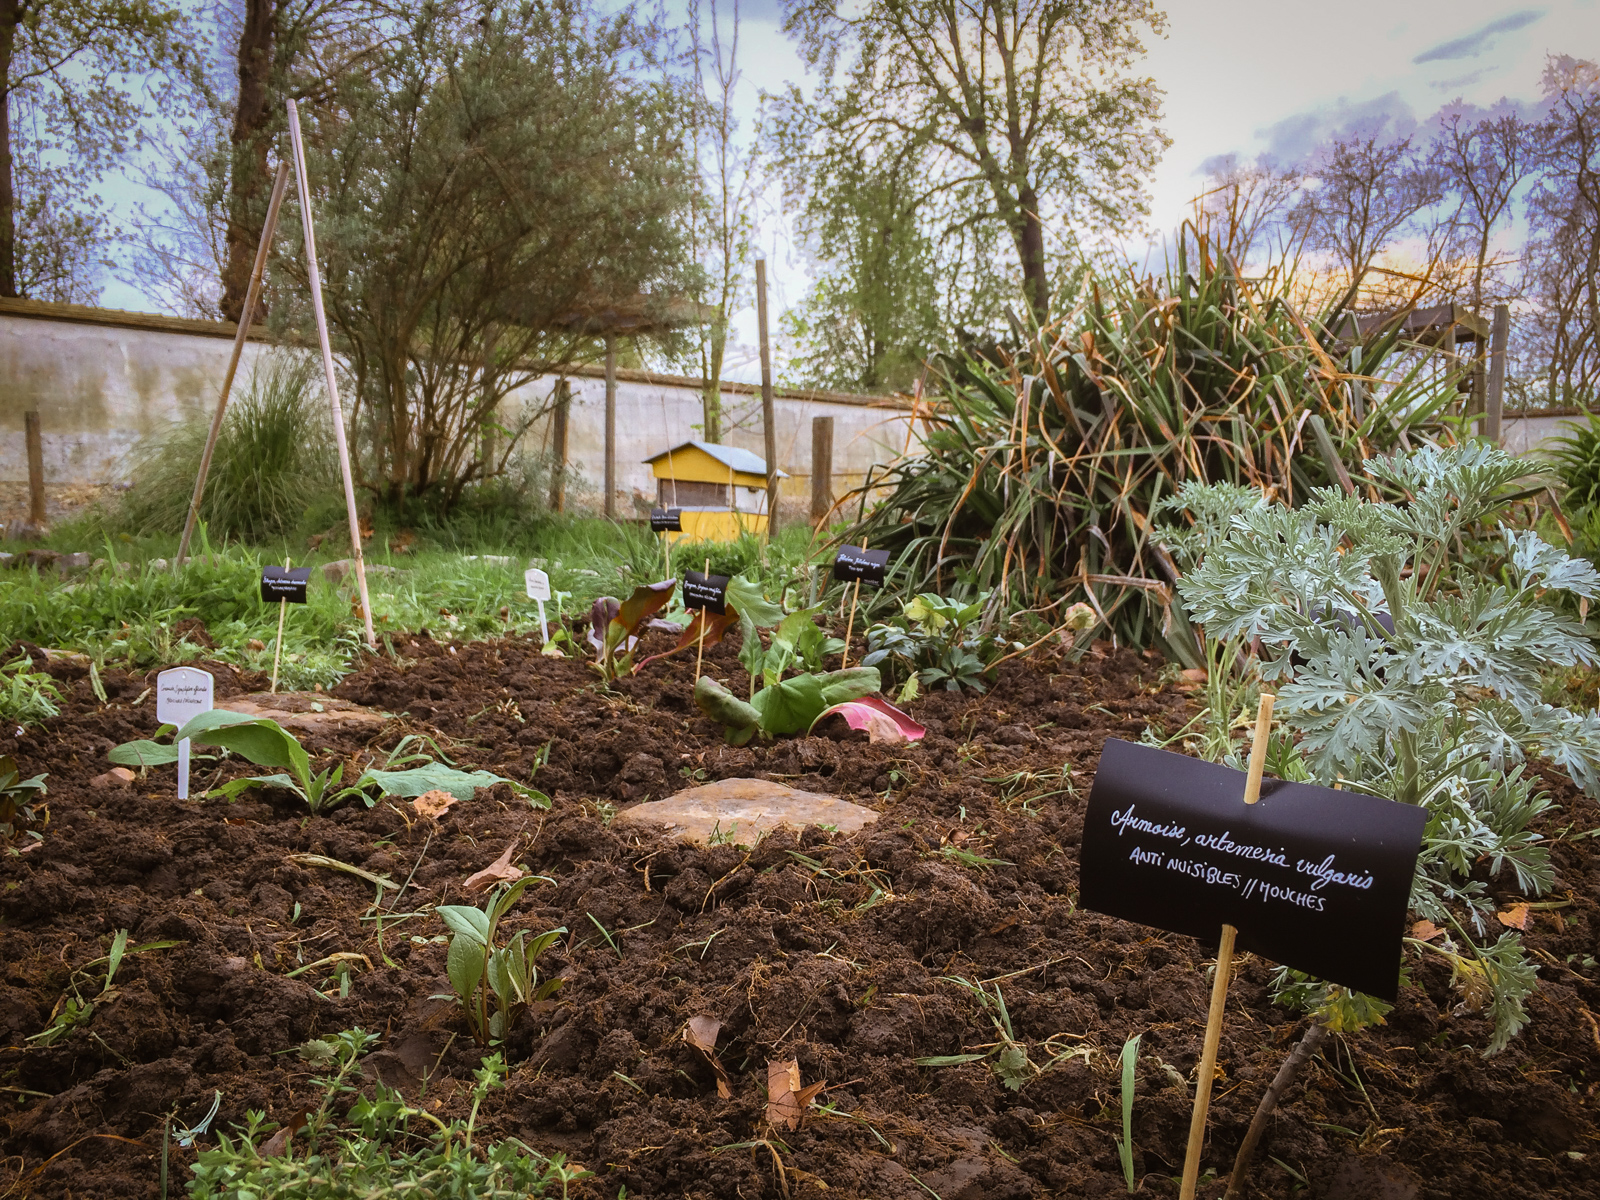 jardin de simple pour les poules Picorama